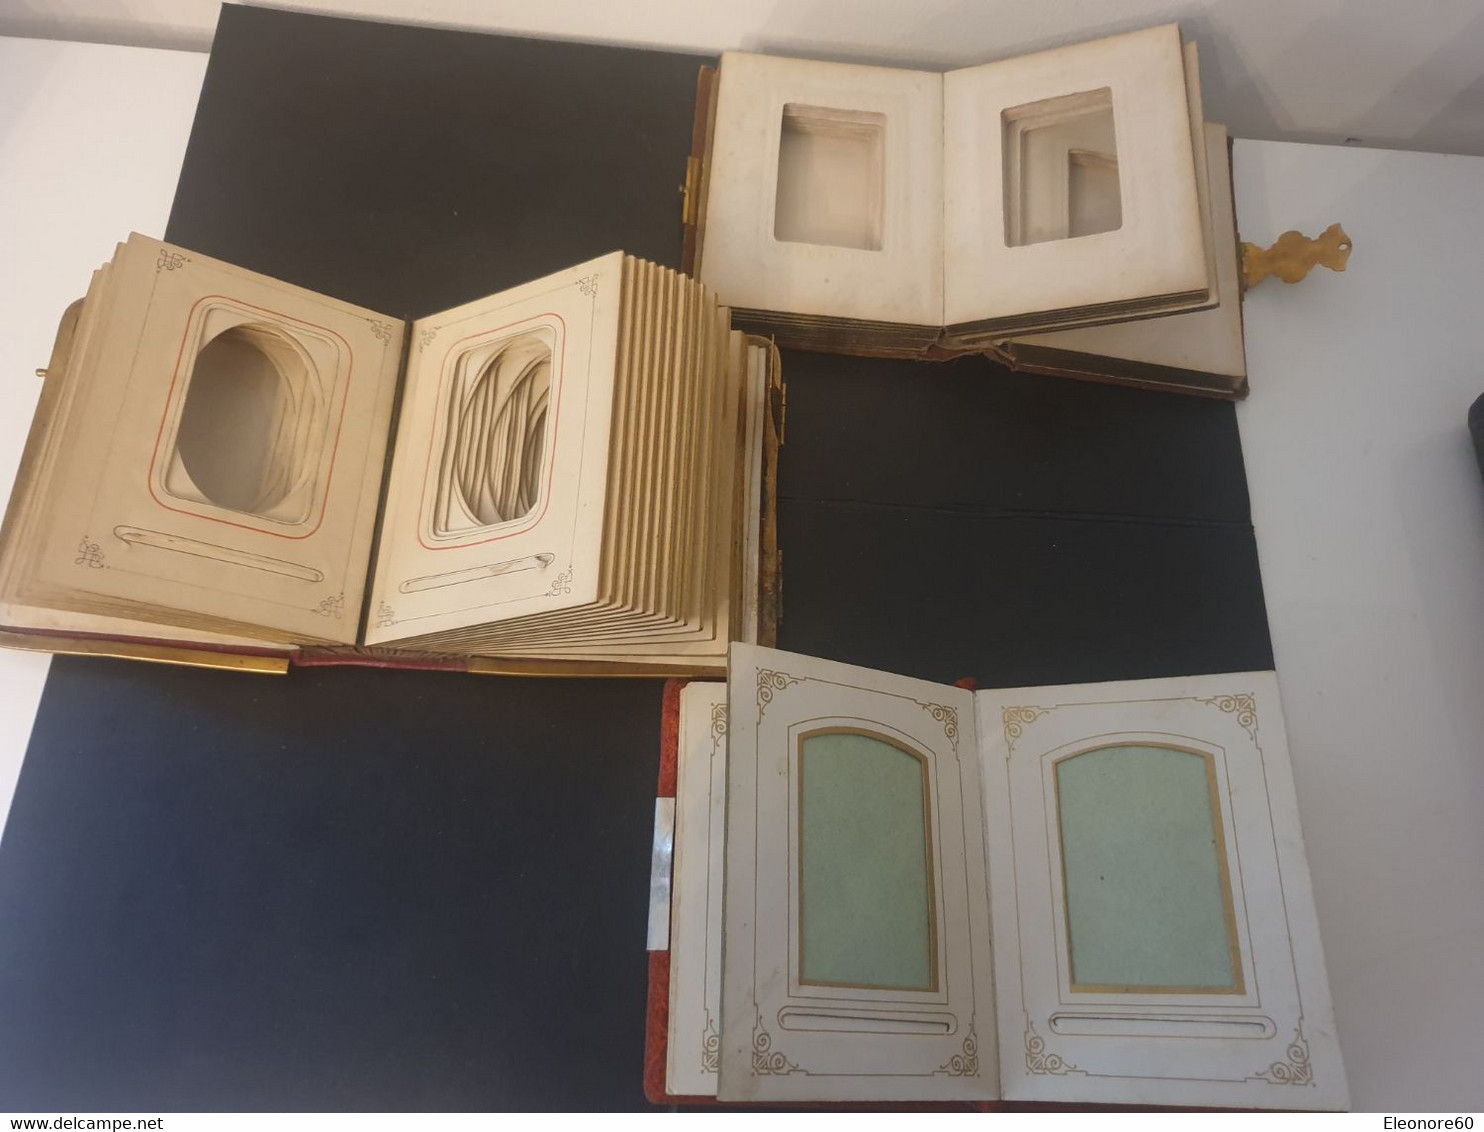 Rares Lot De 3 Albums Années 1880 10/7cm Pour Photos Cdv. 11. 21. 15 Pages. Bords Dorés. Vente à L Unité Possible - Old (before 1900)